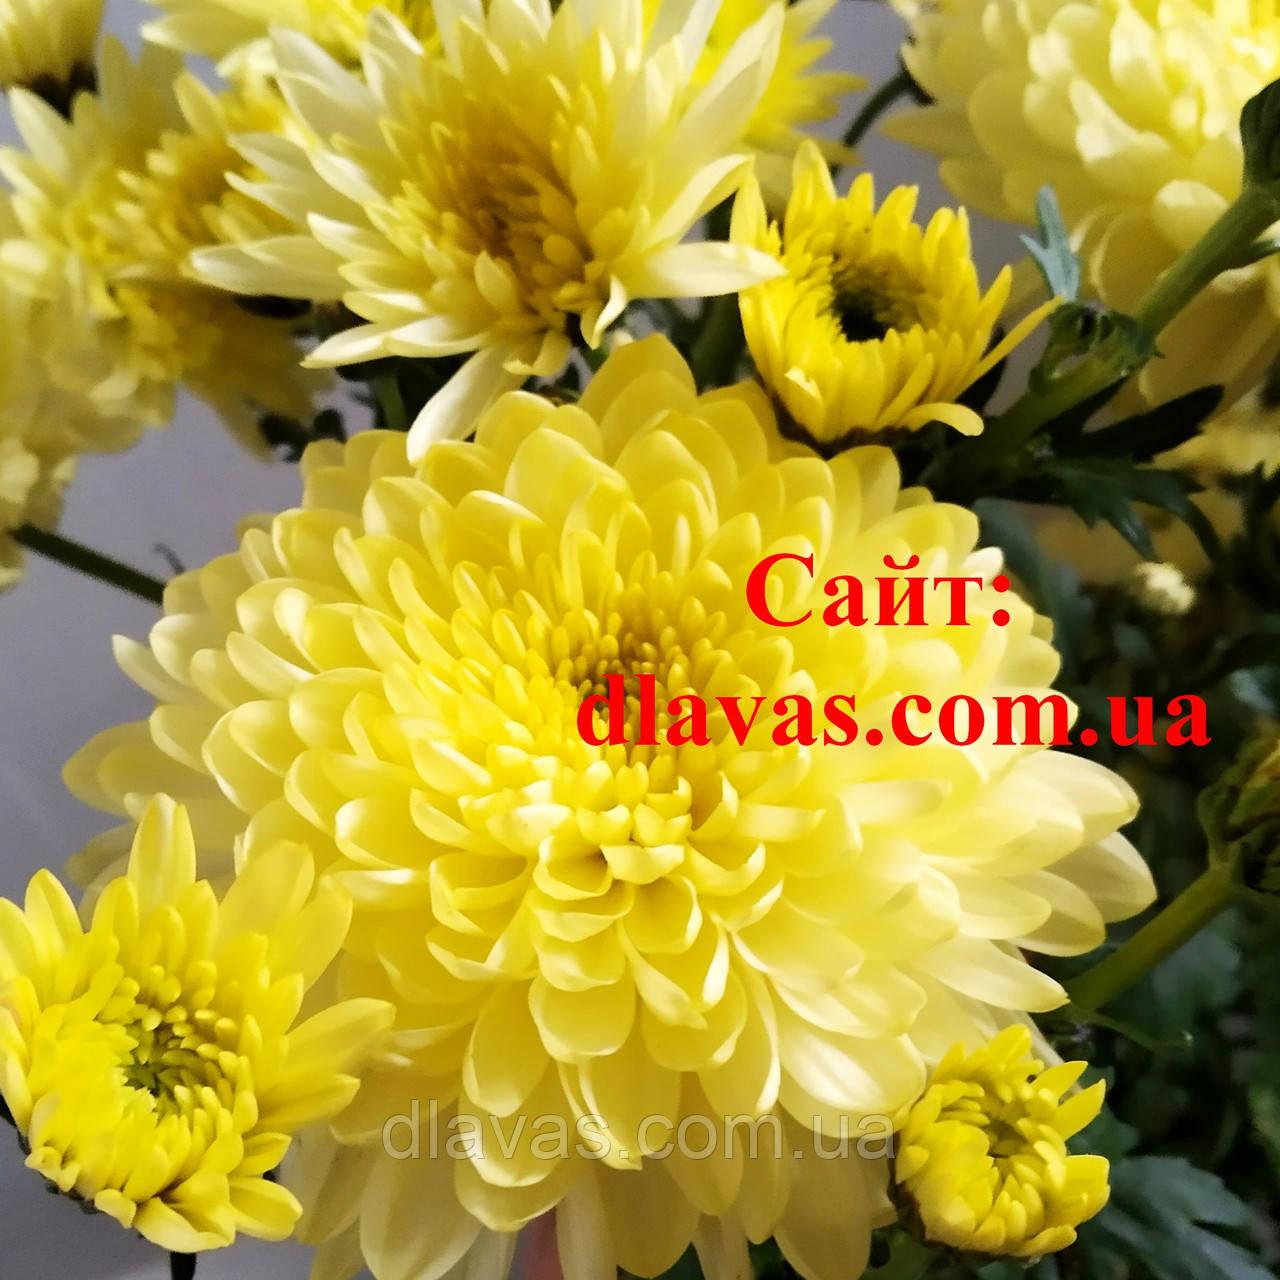 Хризантема крупноцветковая срезочная Зембла КРЕМ